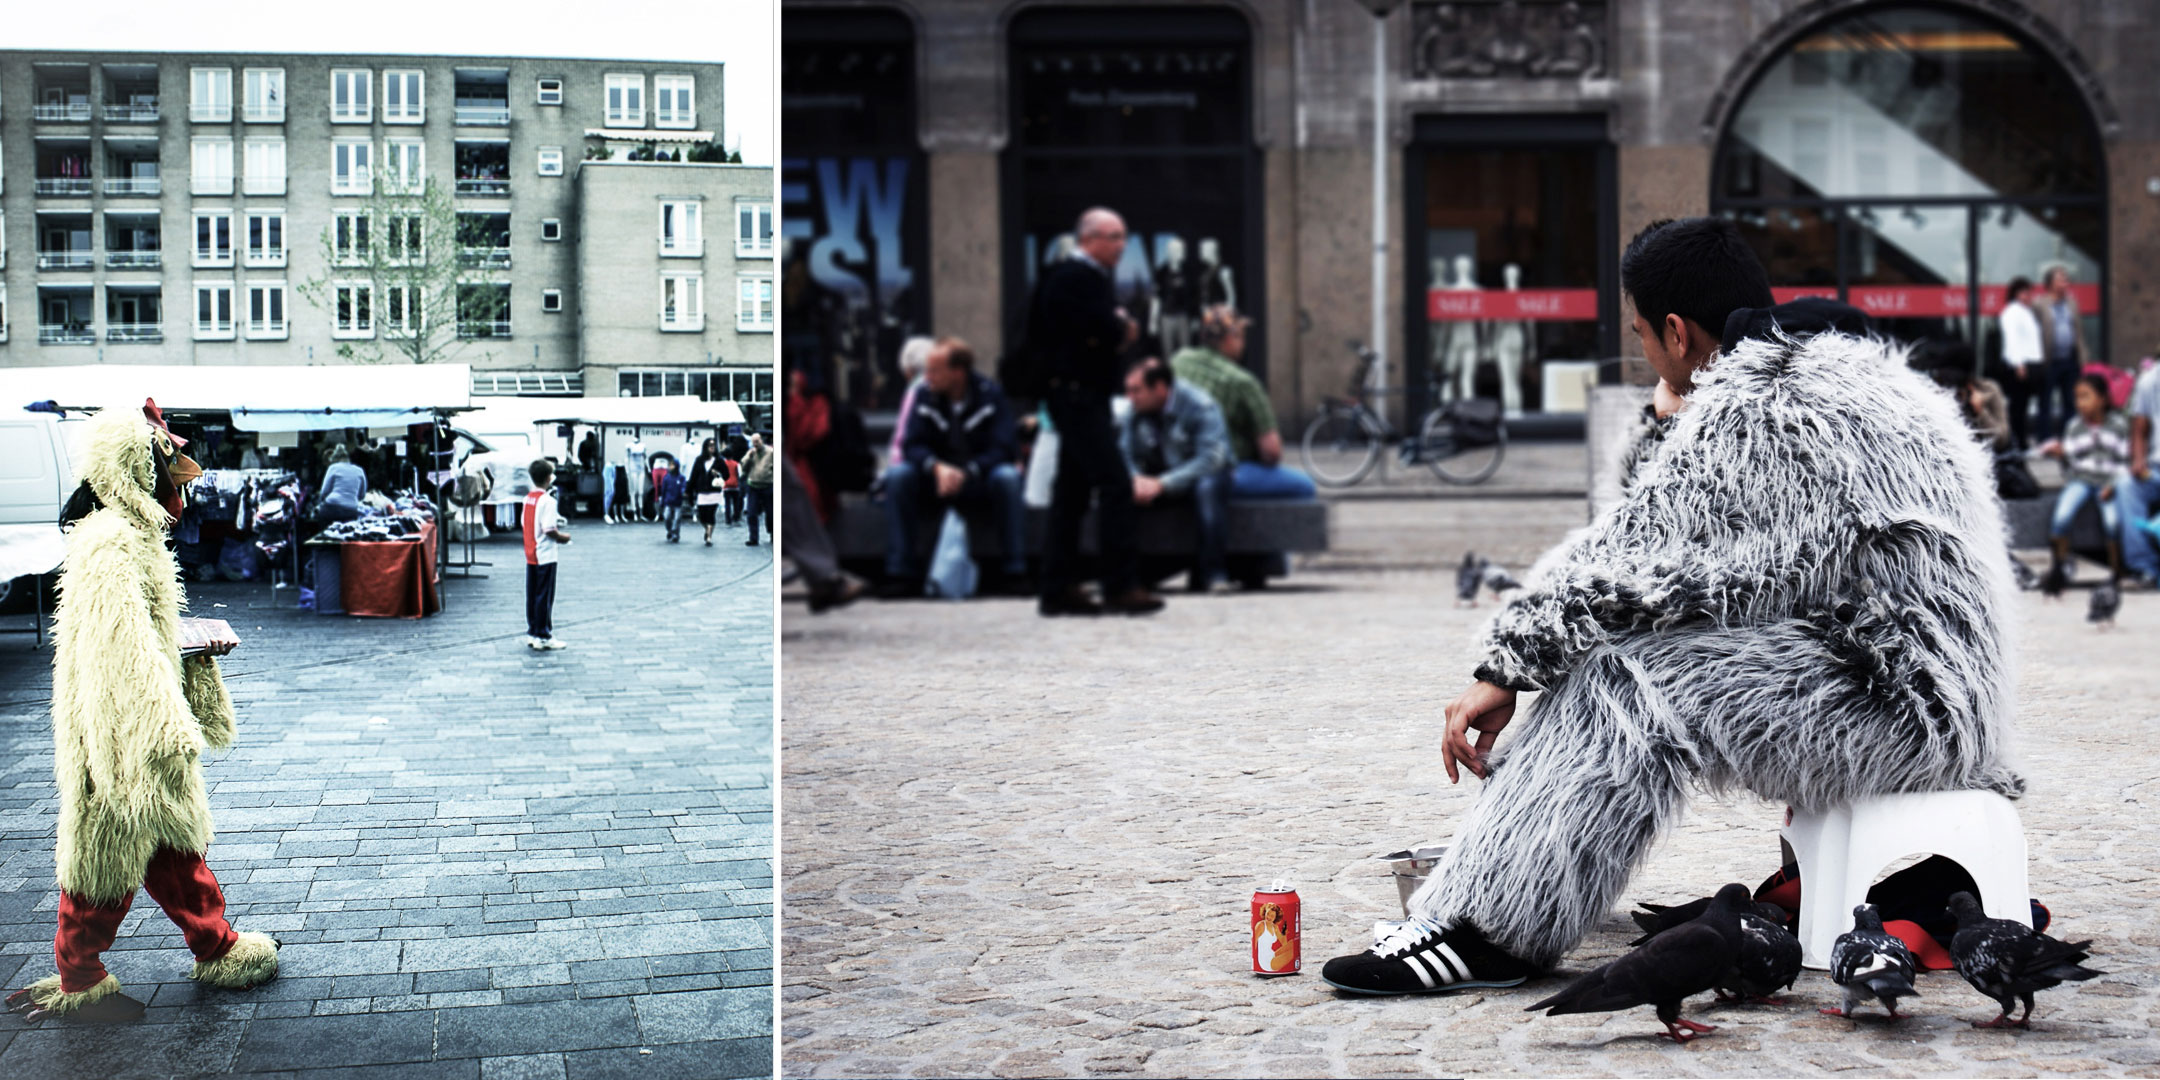 Petites personnes / travail d'été © Raphaël Thibodeau